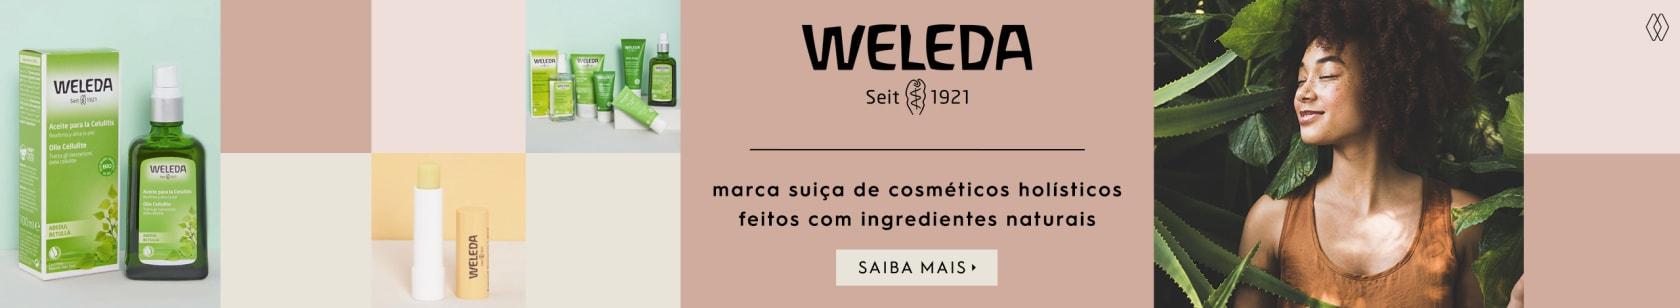 WELEDA | AMARO